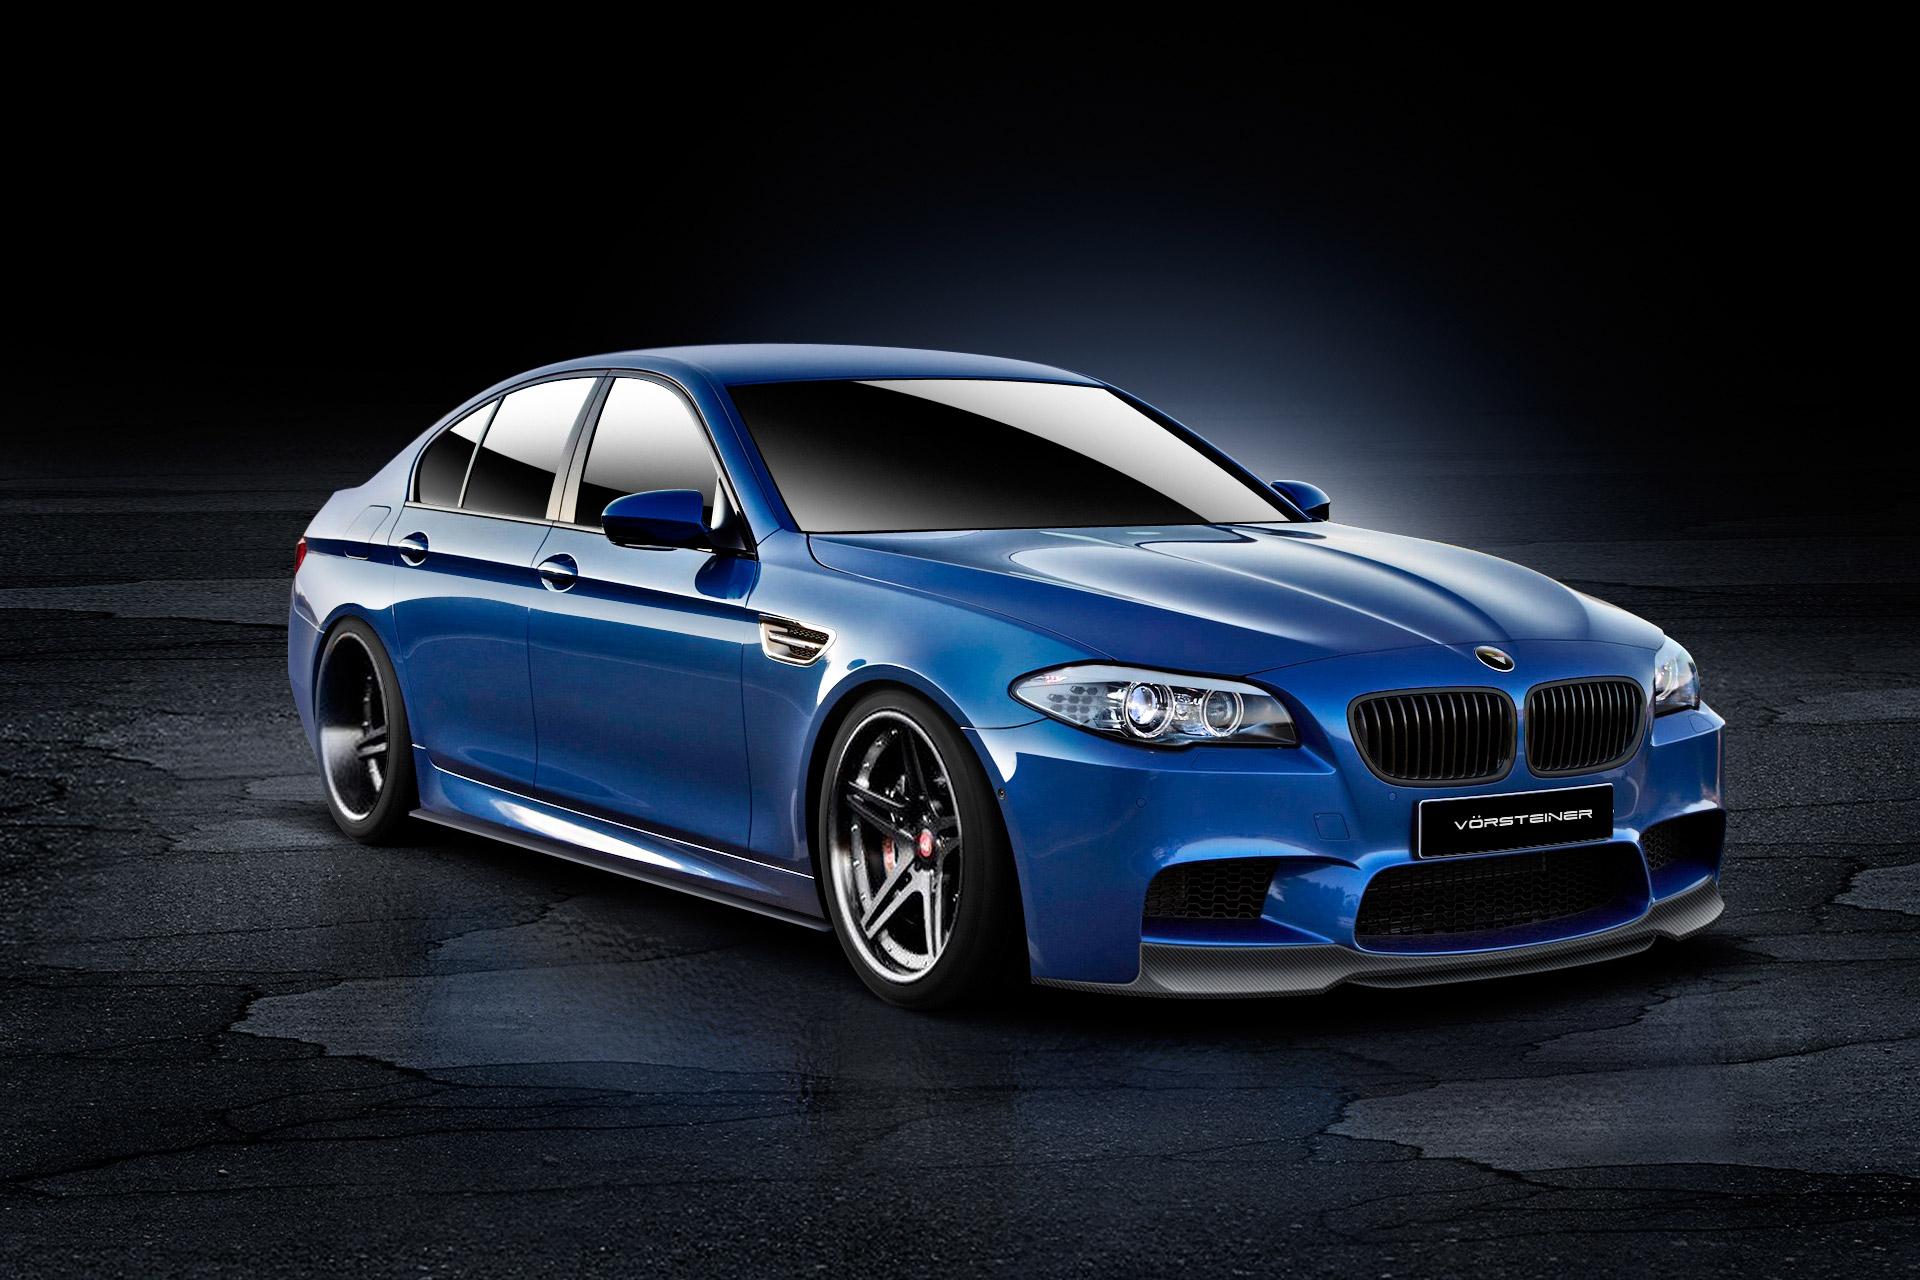 2013 Vorsteiner BMW M5 Sedan tuning wallpaper 1920x1280 81821 1920x1280